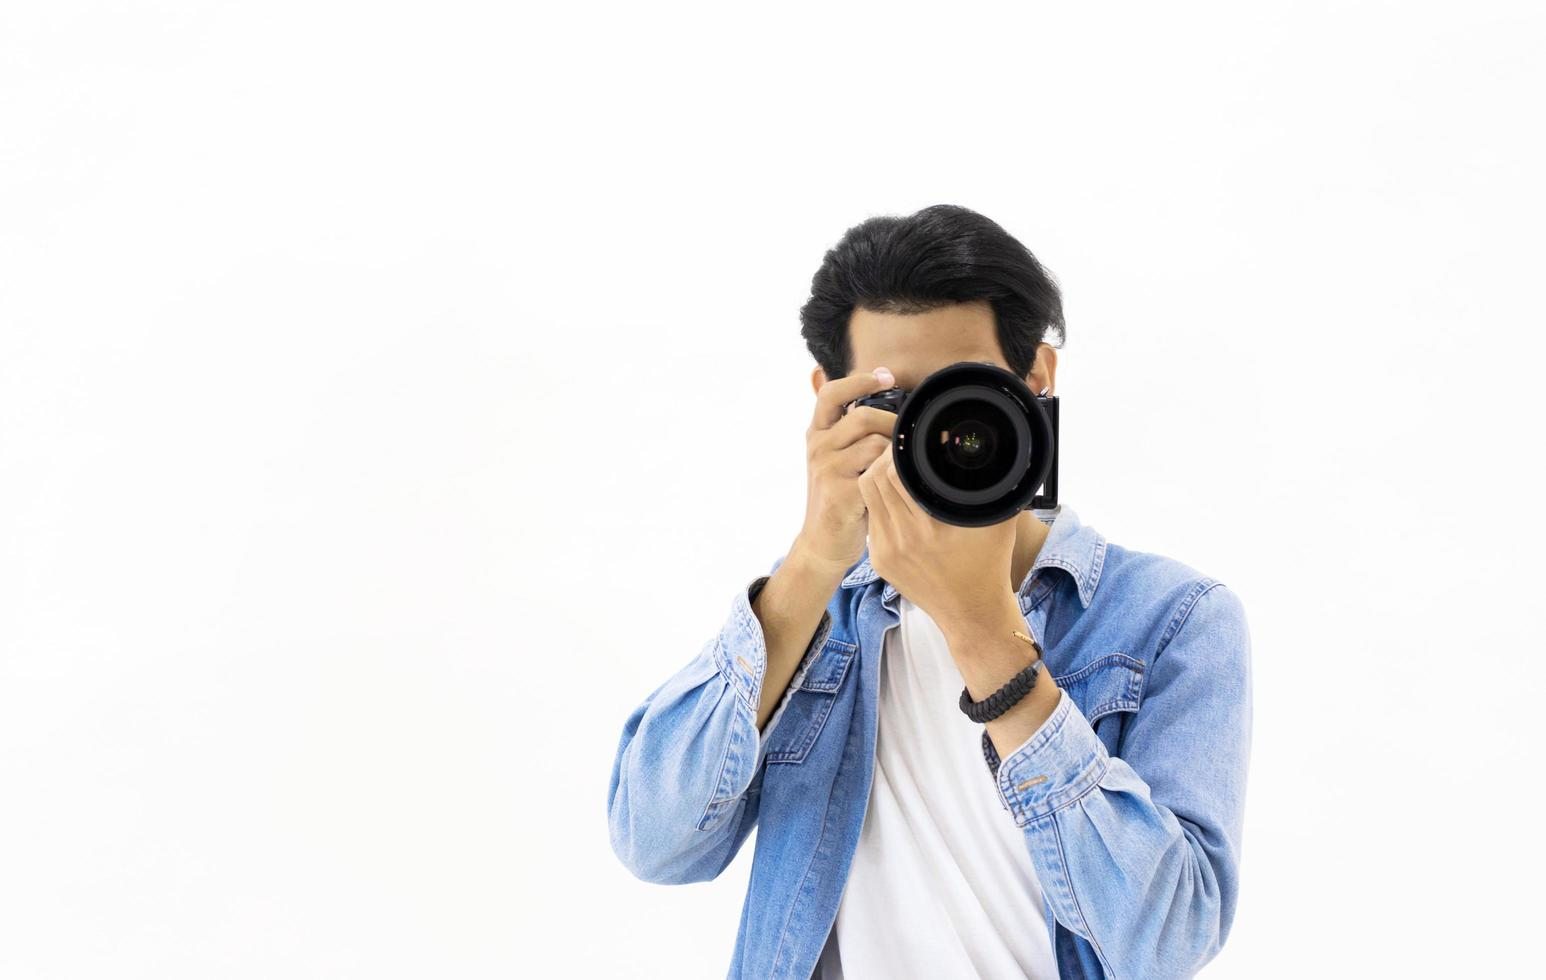 männlicher Fotograf vor weißem Hintergrund foto